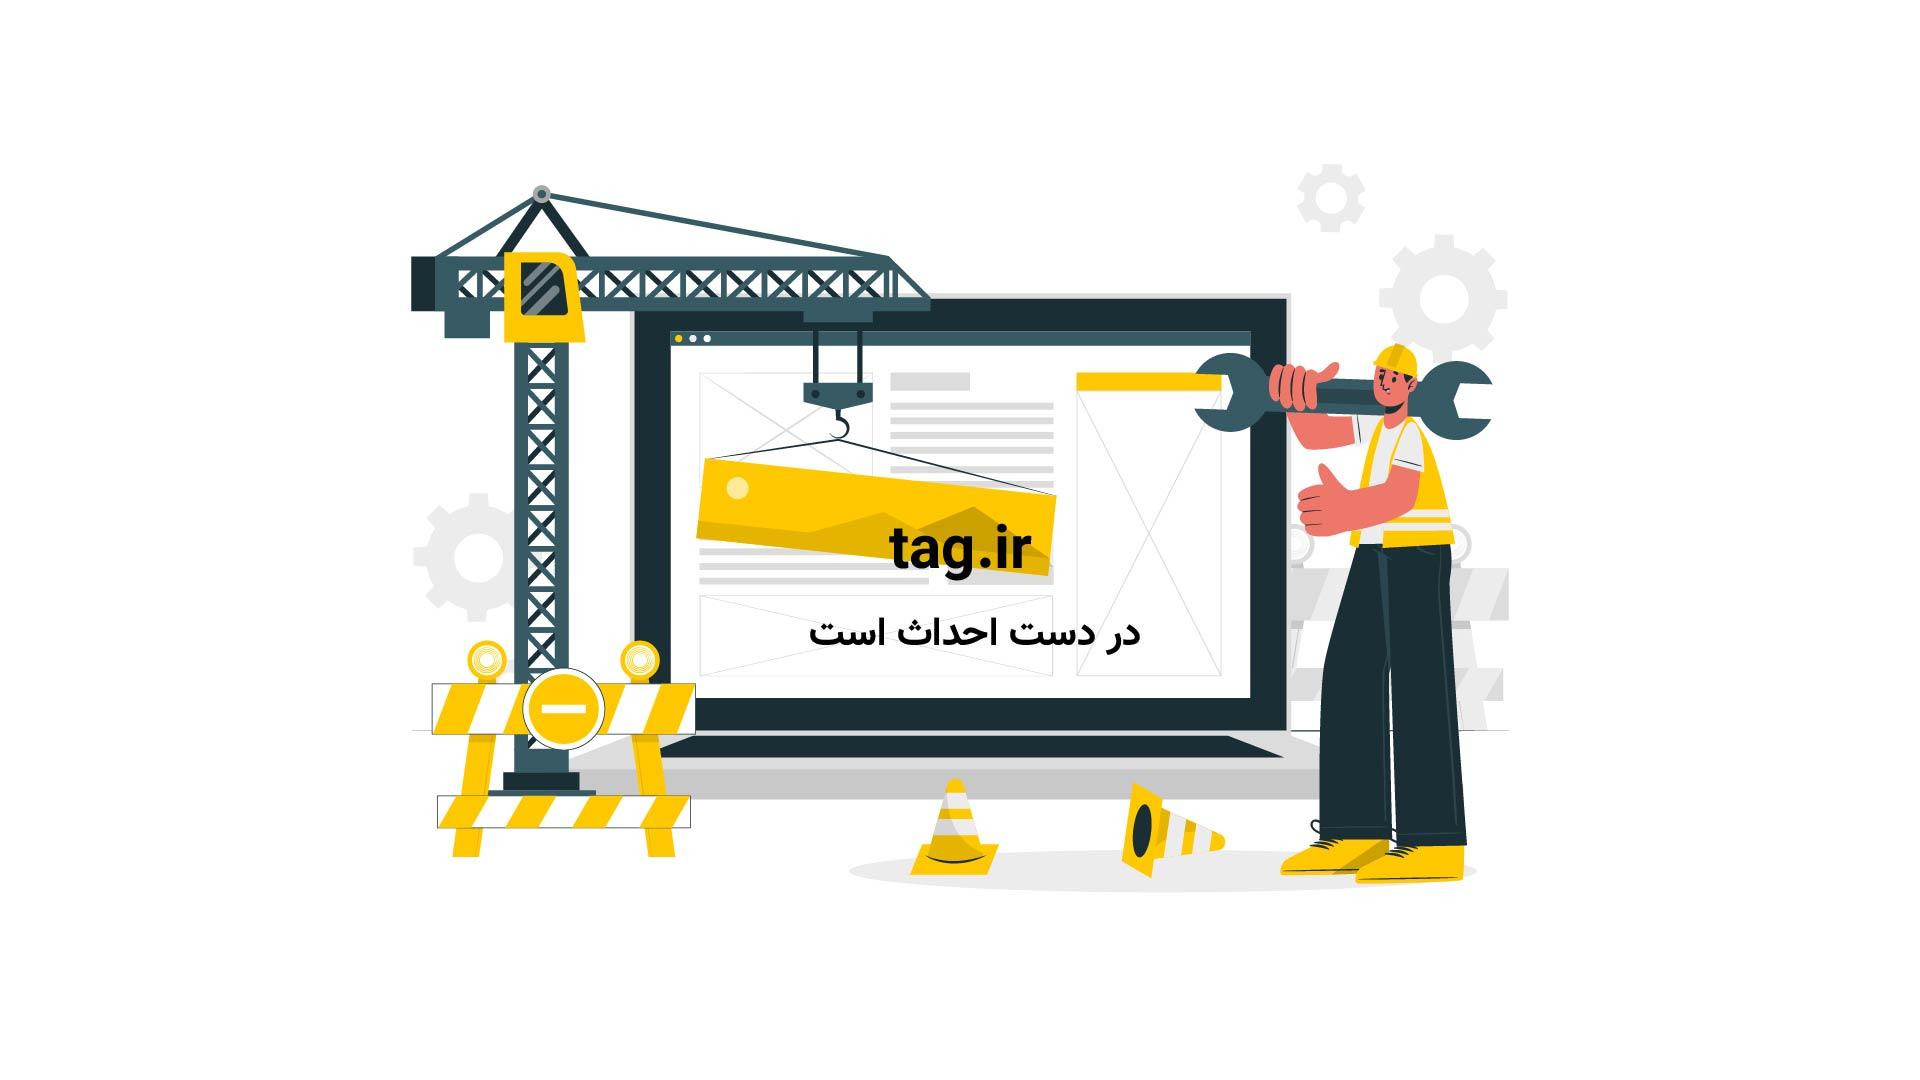 عناوین روزنامههای اقتصادی چهارشنبه 25 مرداد | فیلم